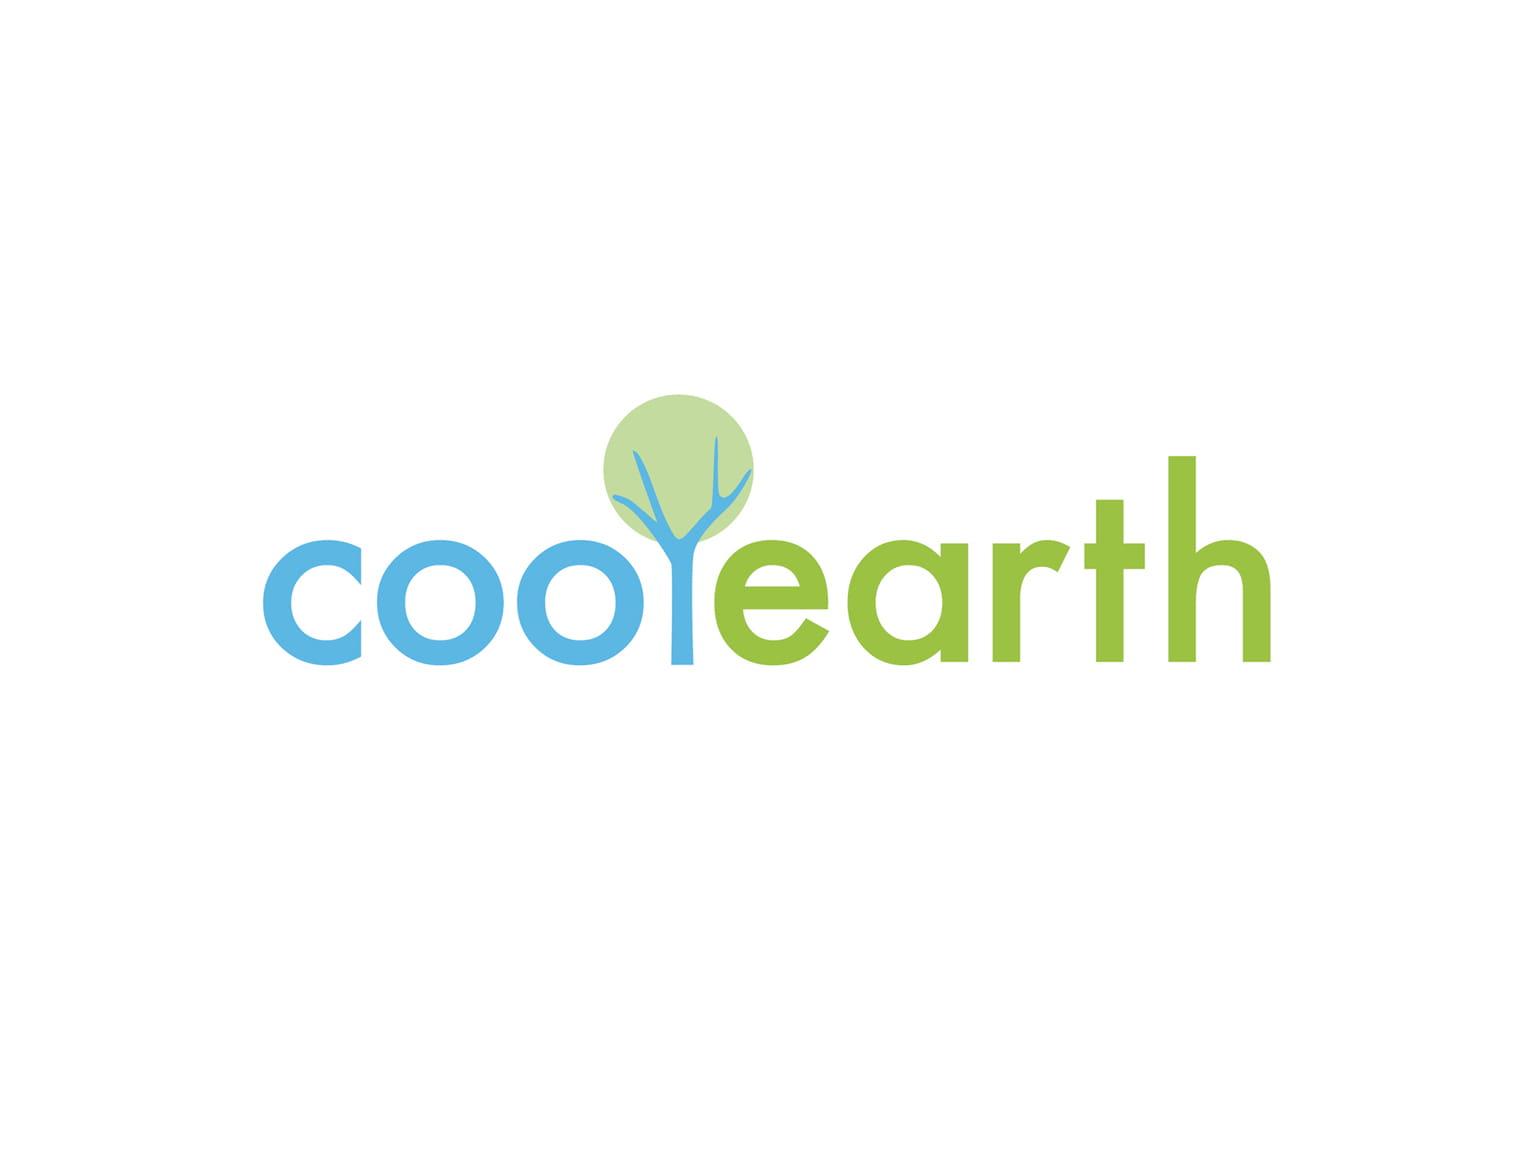 Barevné logo Cool Earth